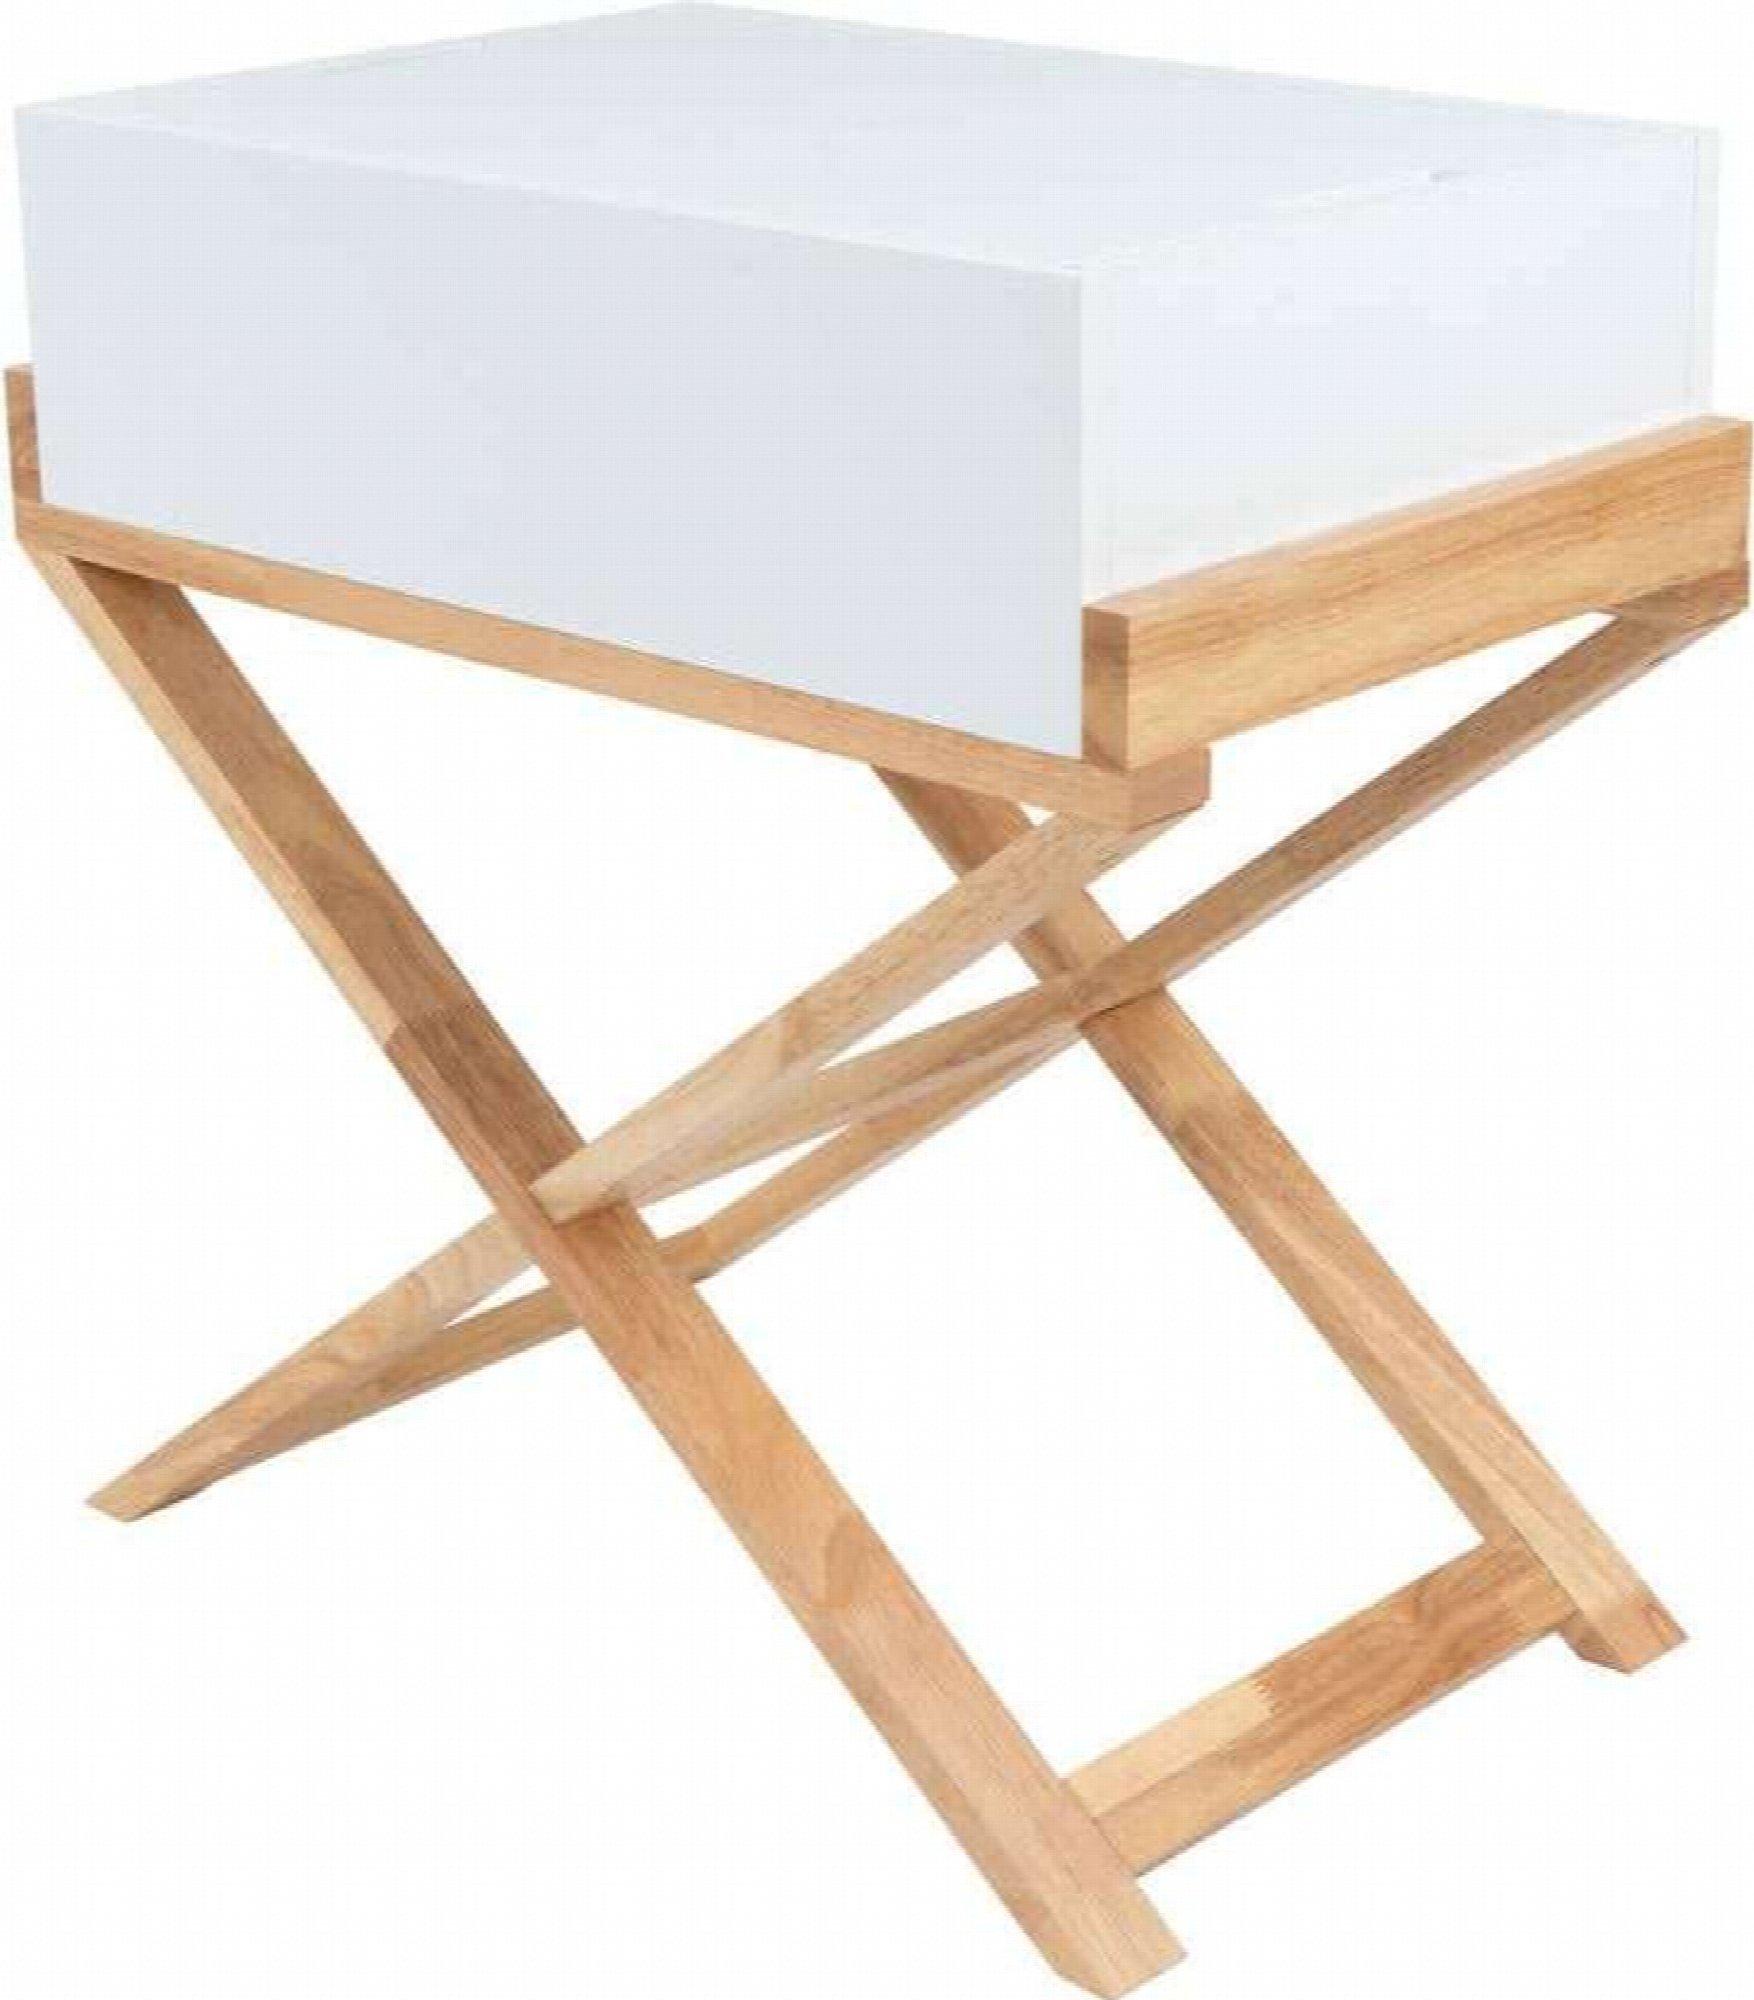 Table de chevet 1 niche couleur blanc et bois clair (photo)